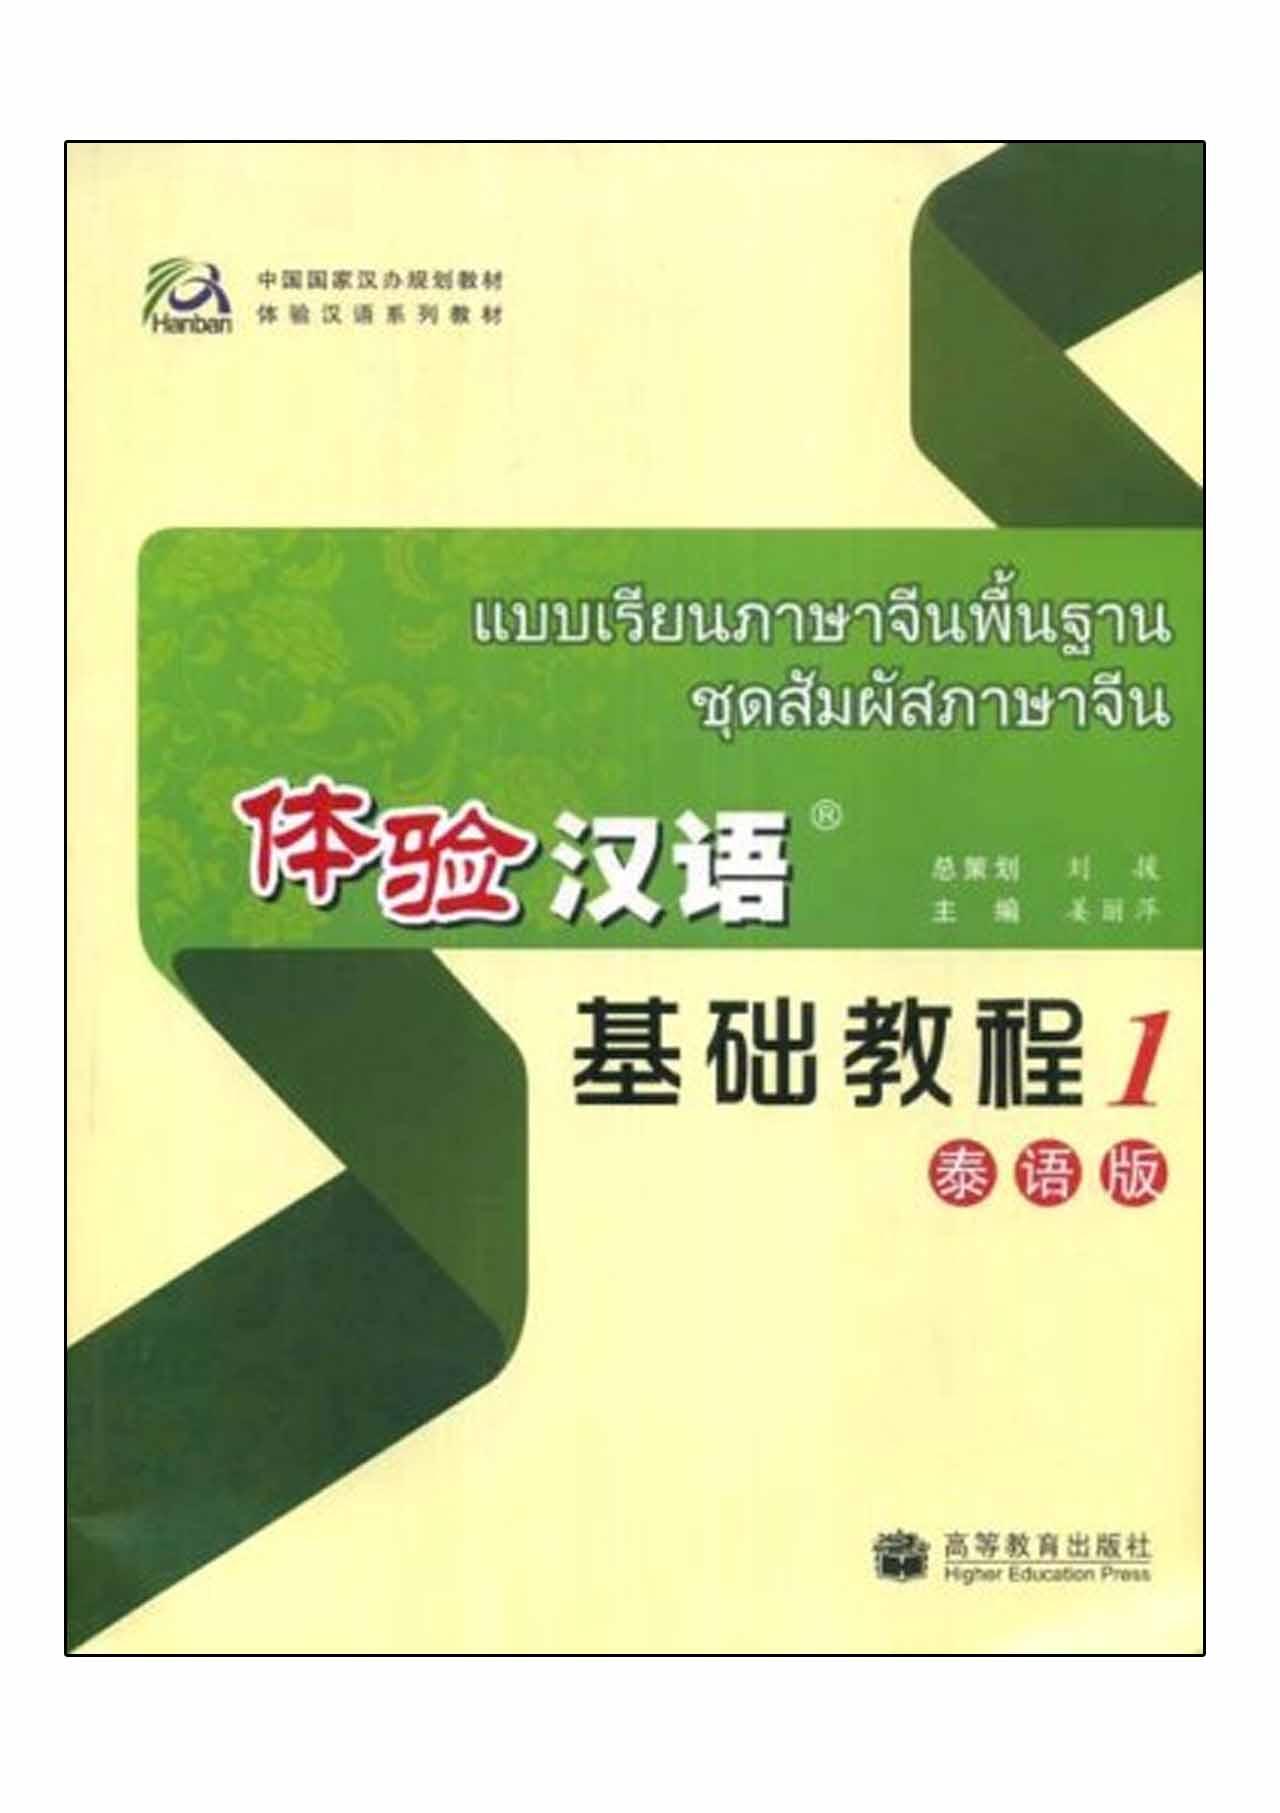 แบบเรียนภาษาจีนพื้นฐาน ชุดสัมผัสภาษาจีน เล่ม 1 +MP3